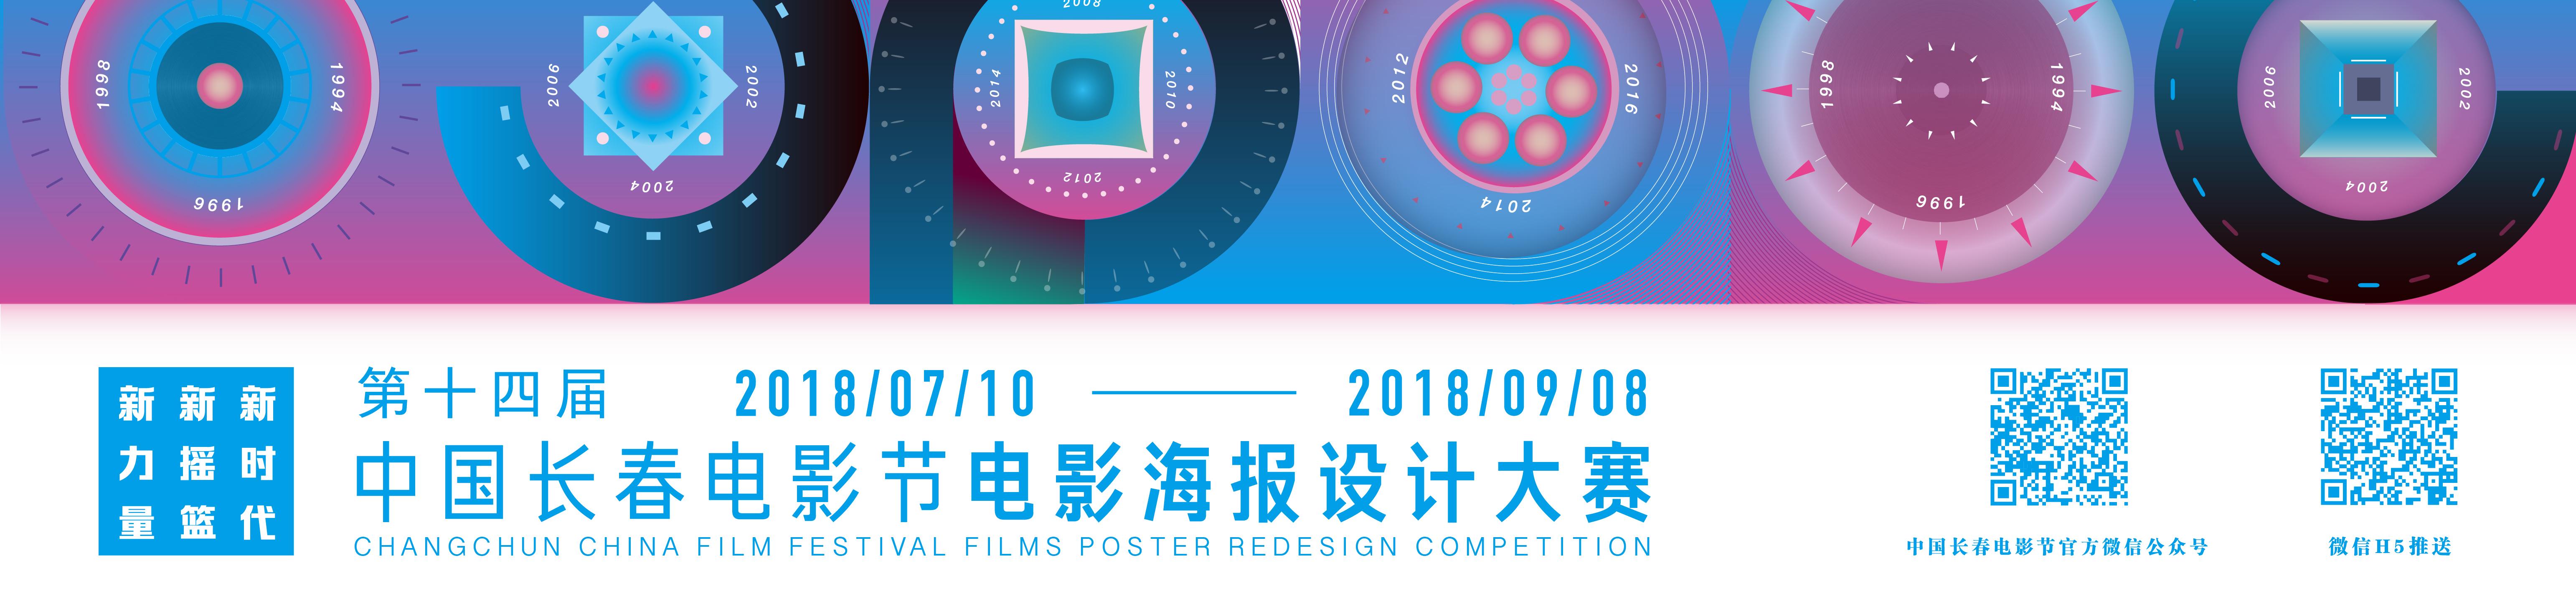 第十四届中国长春电影节电影海报设计大赛启事